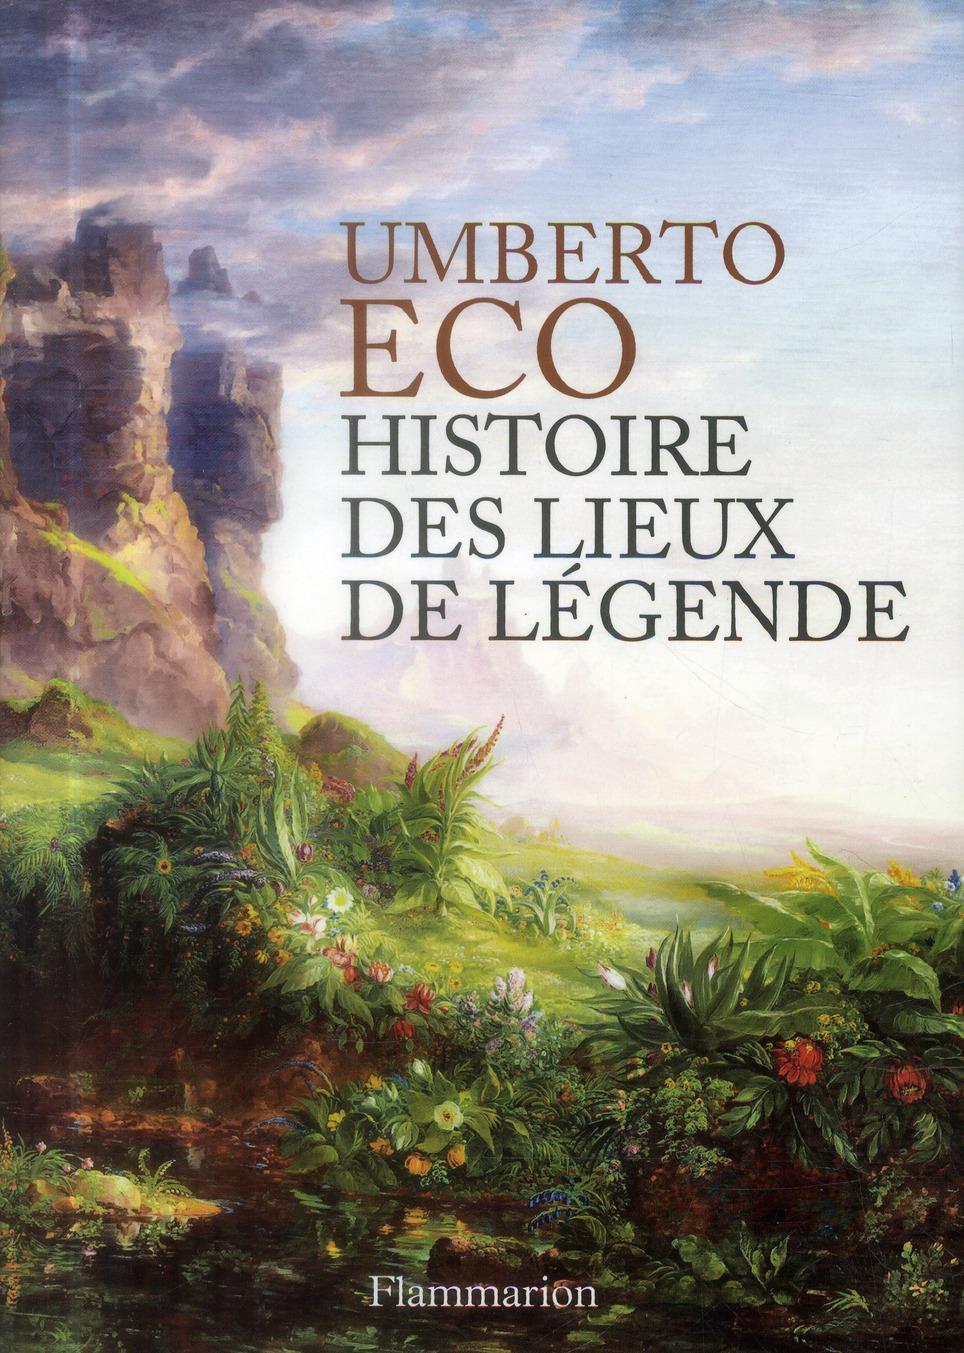 HISTOIRE DES LIEUX DE LEGENDE